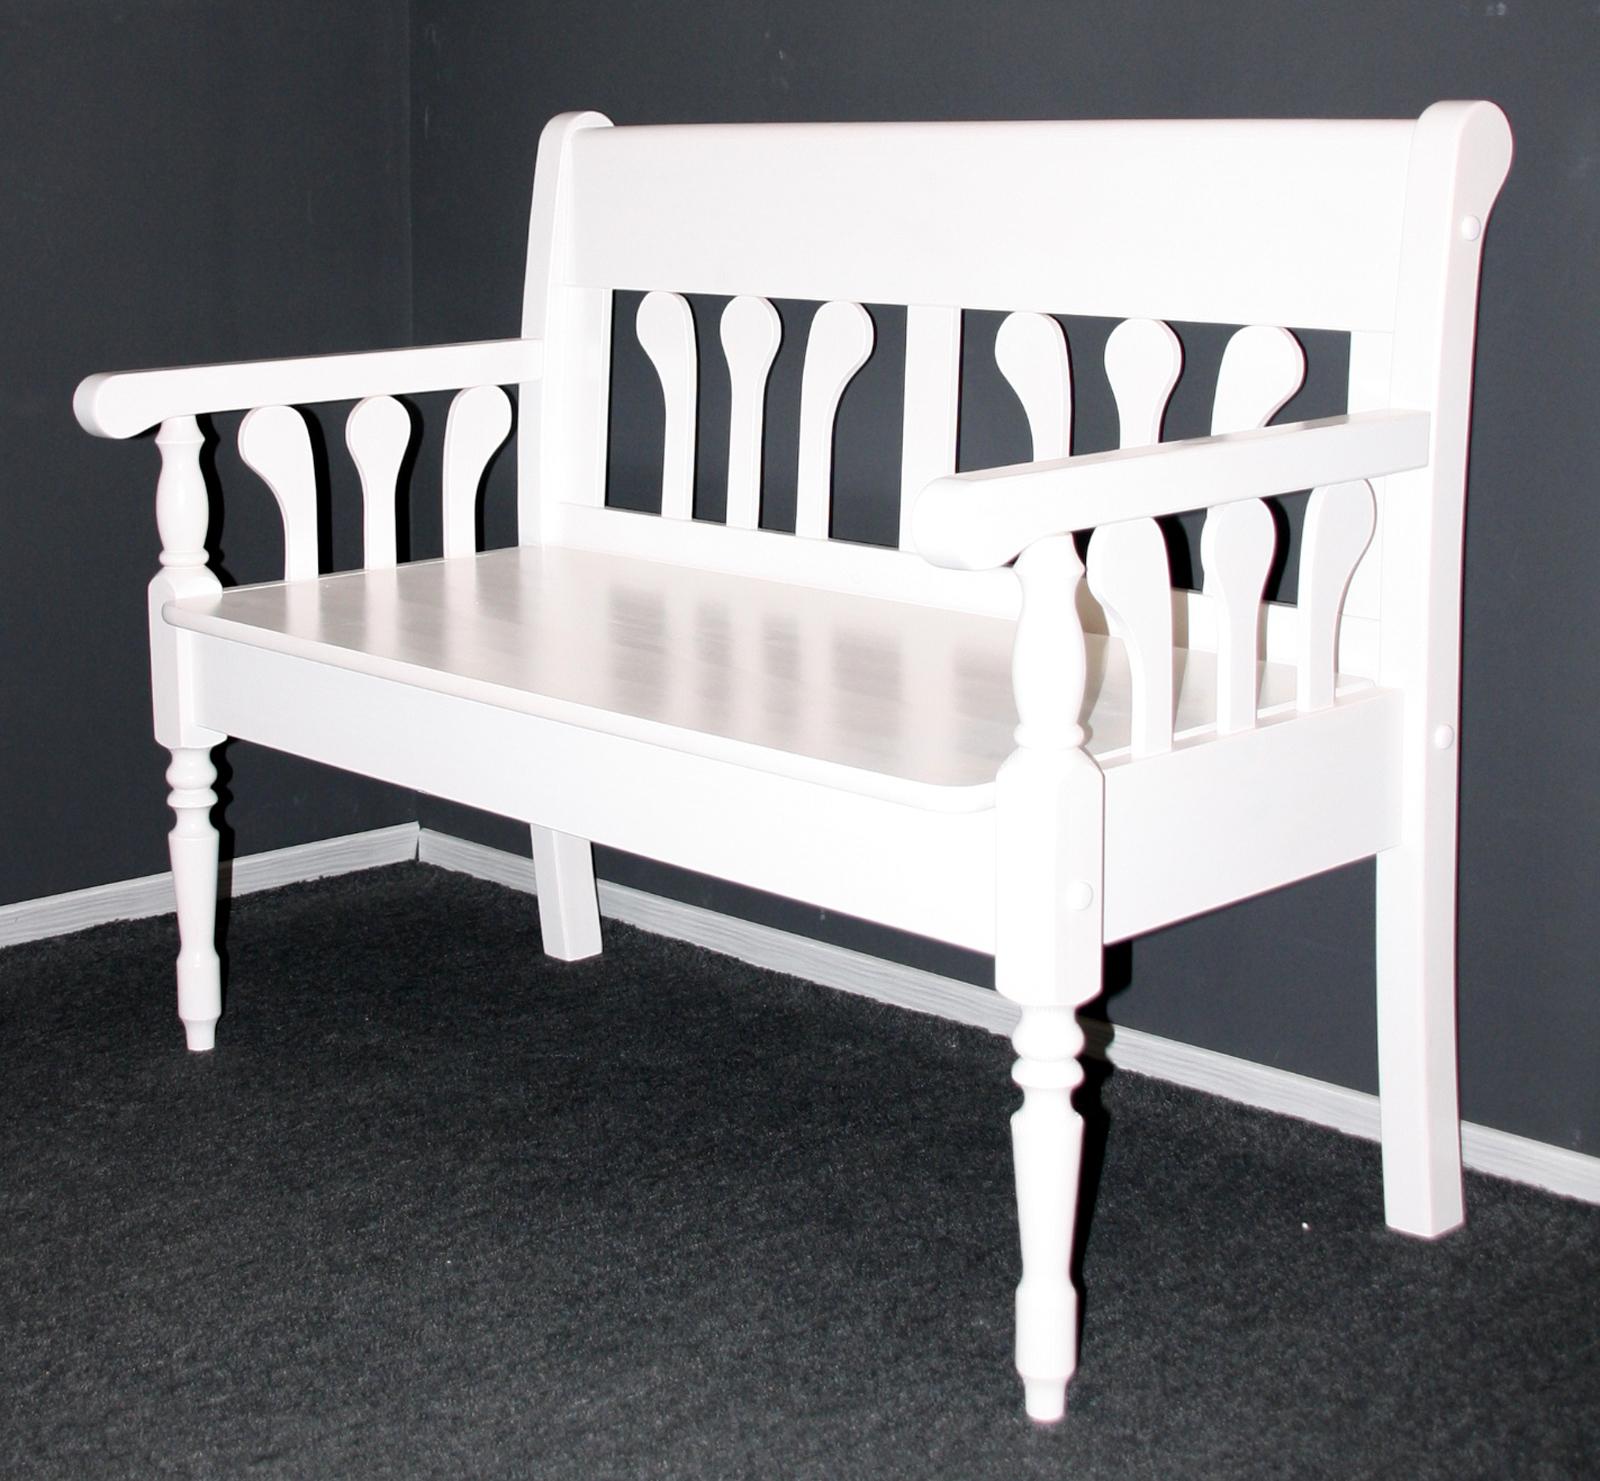 massivholz sitzbank kiefer massiv wei lasiert landhaus. Black Bedroom Furniture Sets. Home Design Ideas